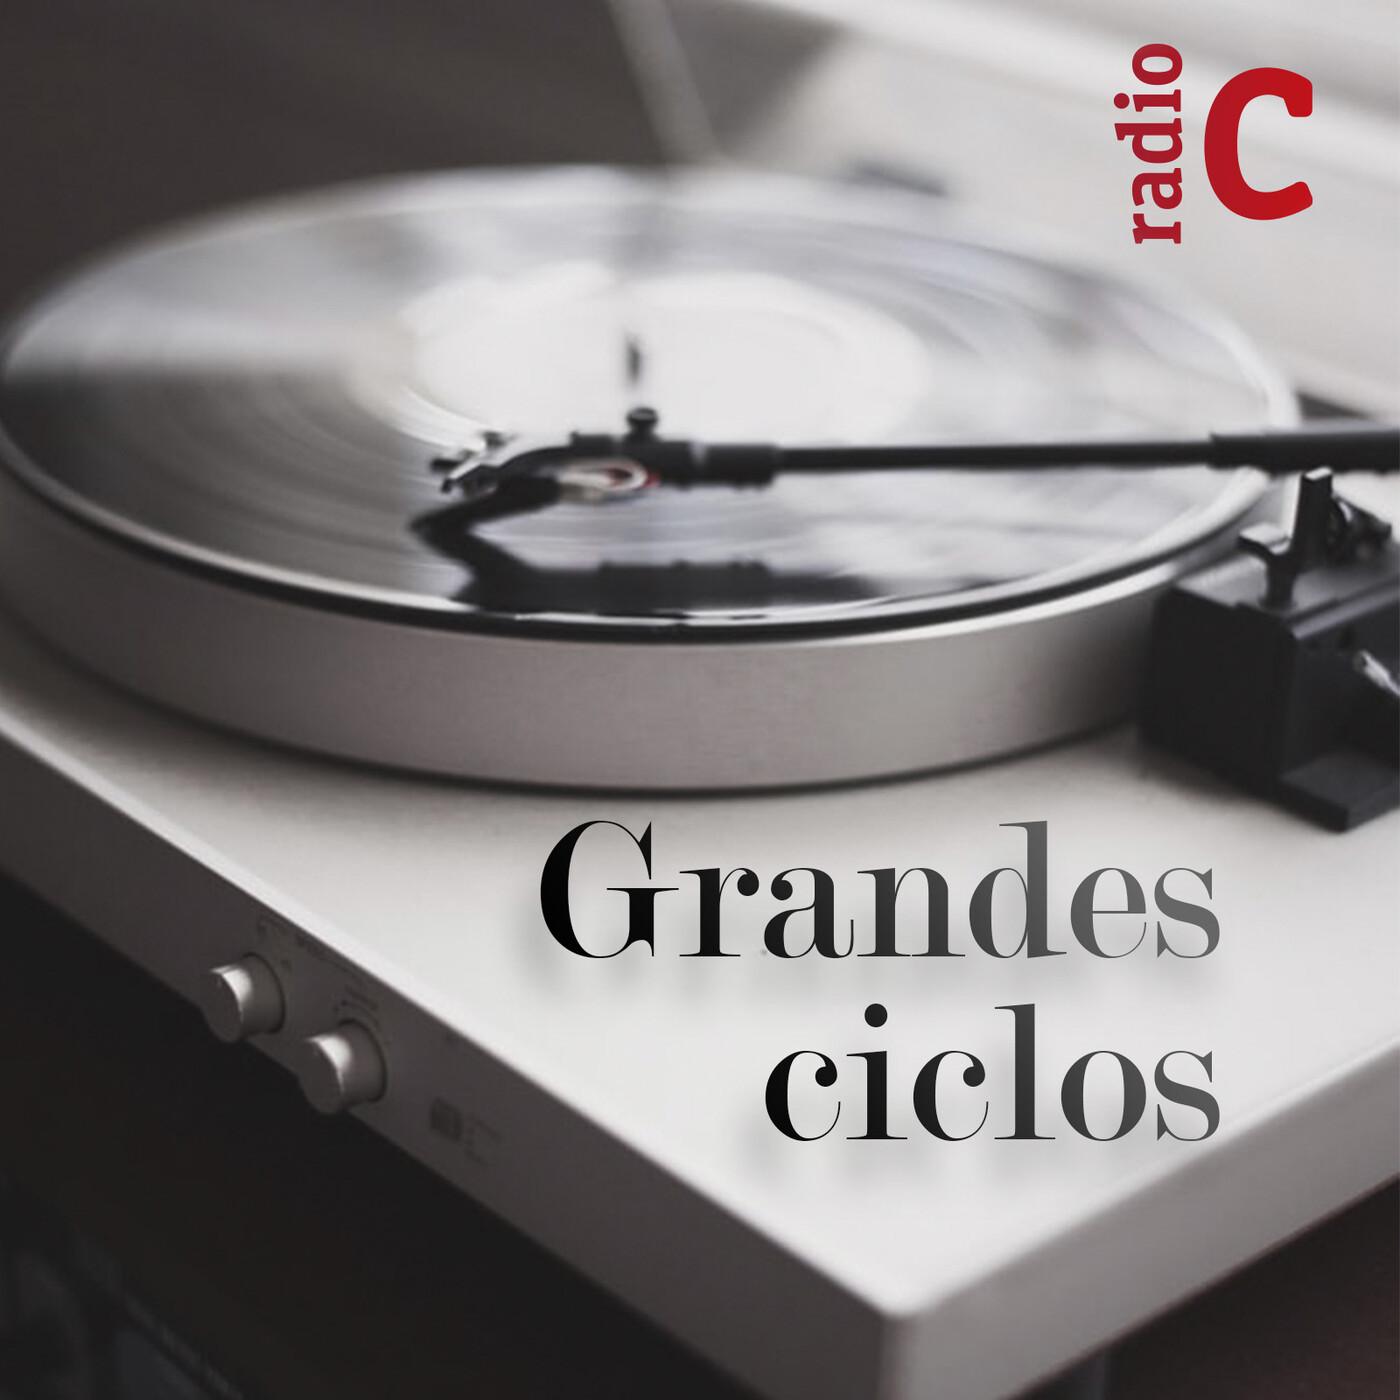 Grandes ciclos: Sergiu Celibidache - Bruckner y Celibidache - 02/08/12